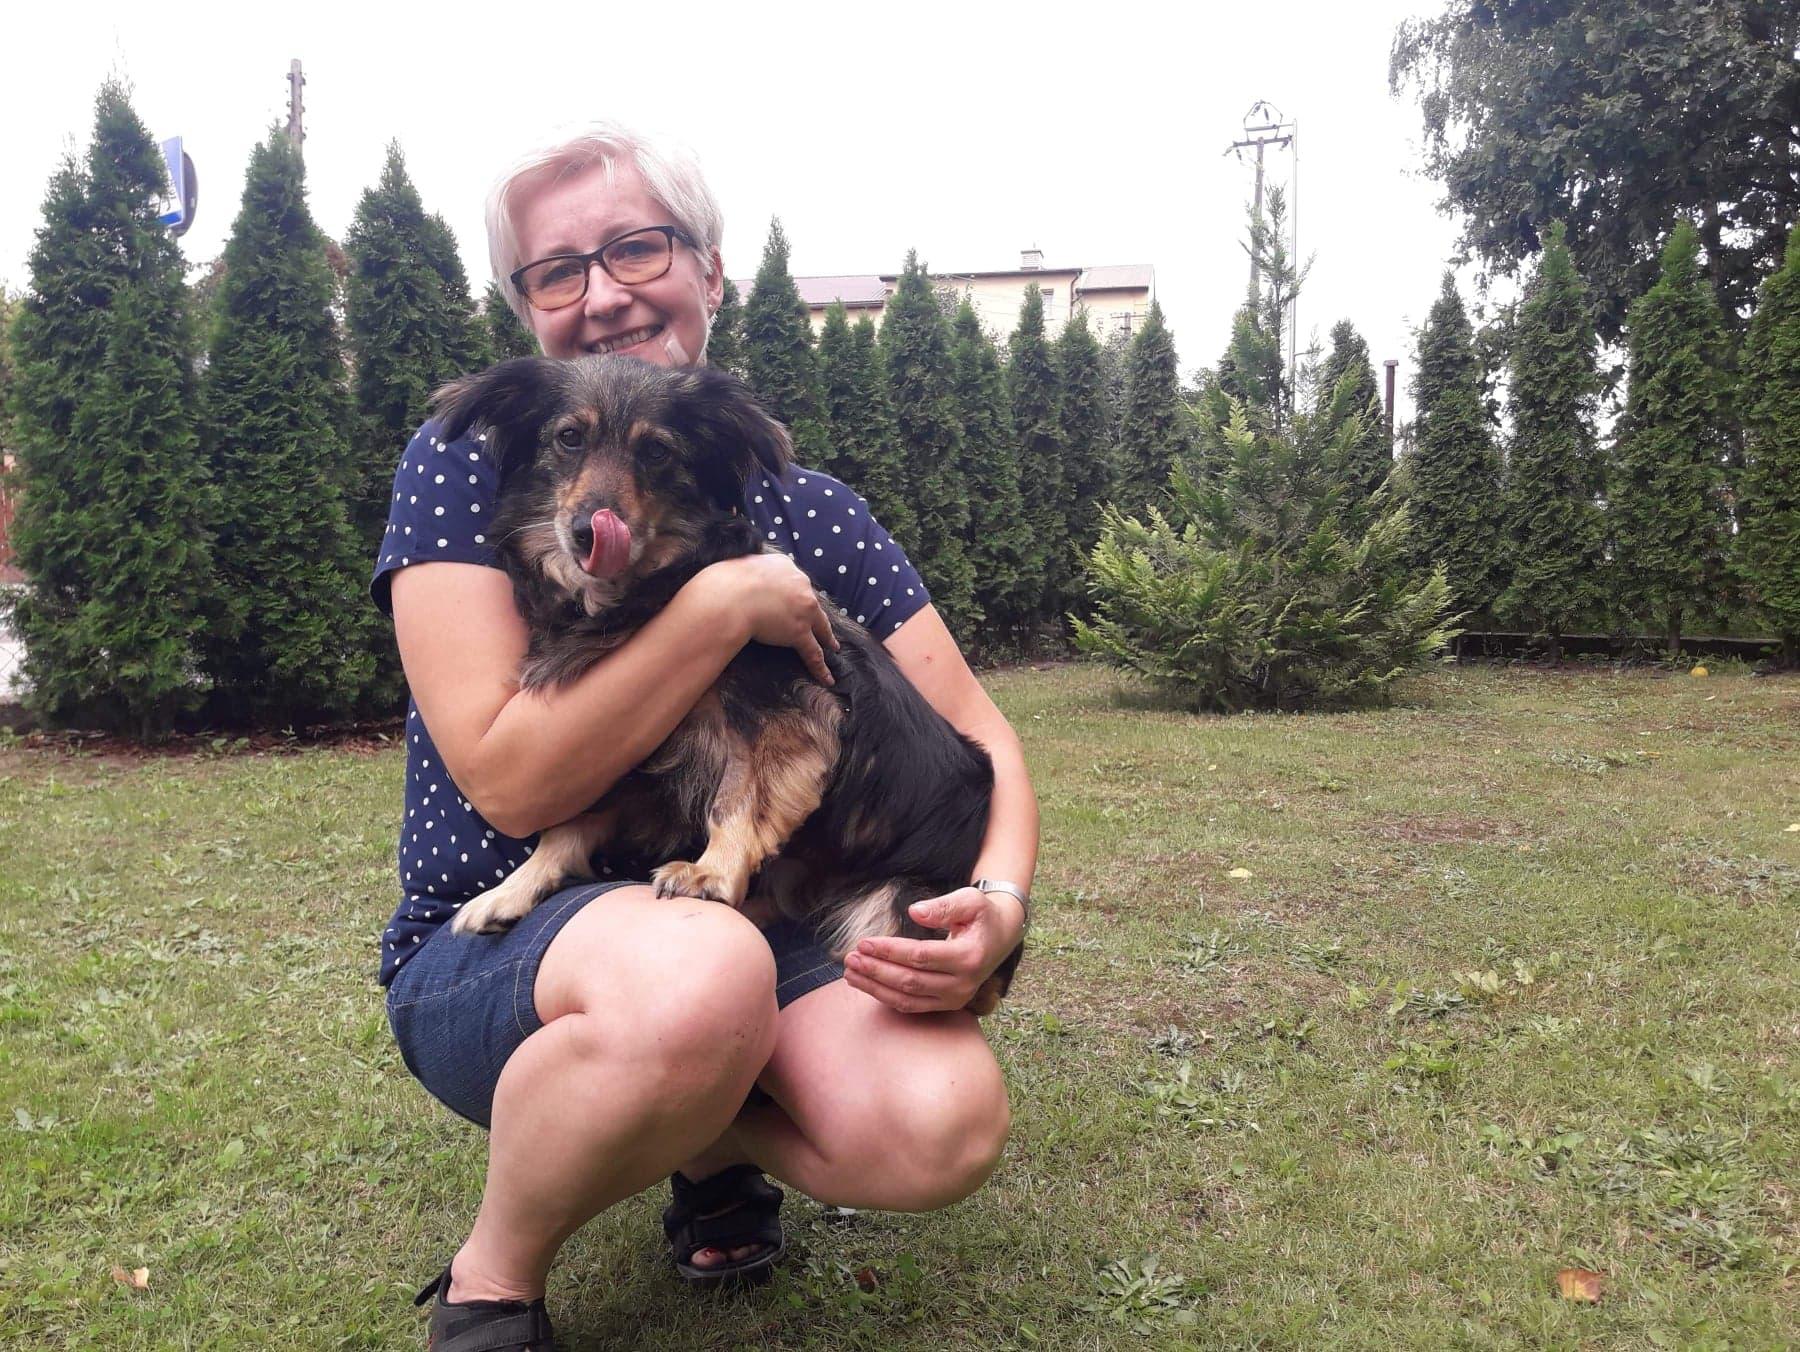 Pies zakopany żywcem! Mija dwa lata od tych tragicznych wydarzeń  - Zdjęcie główne